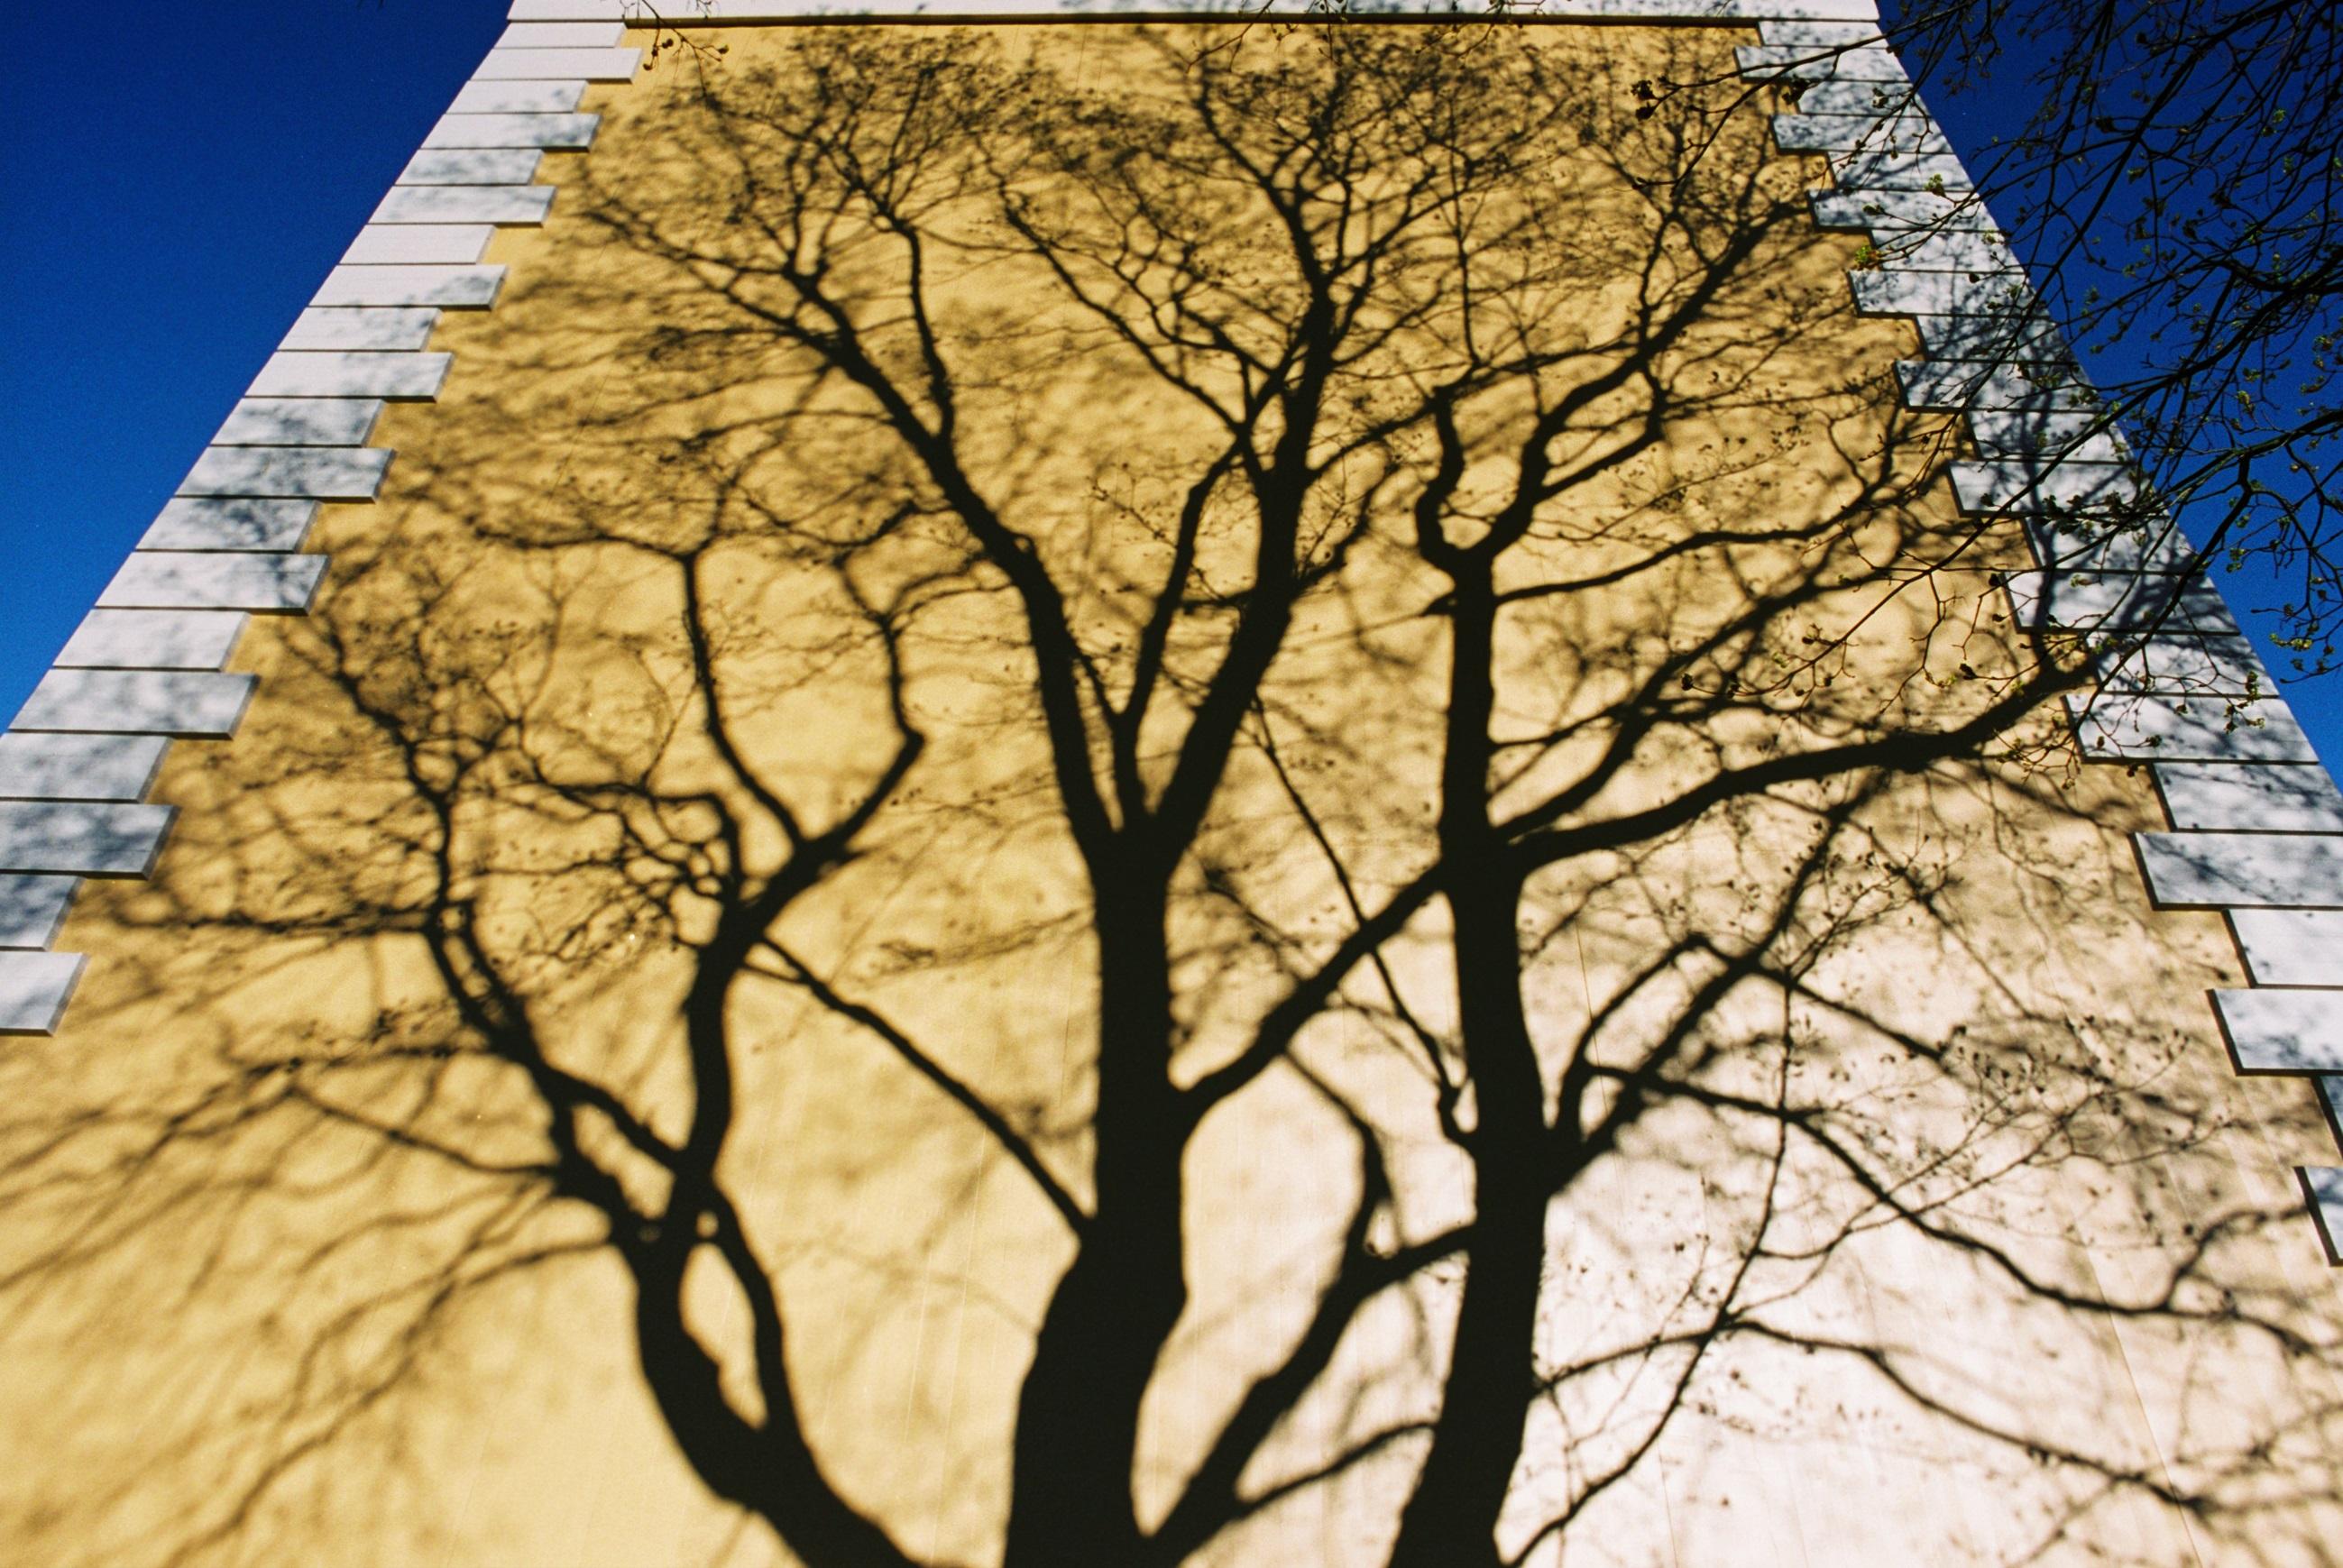 træ vækst mur